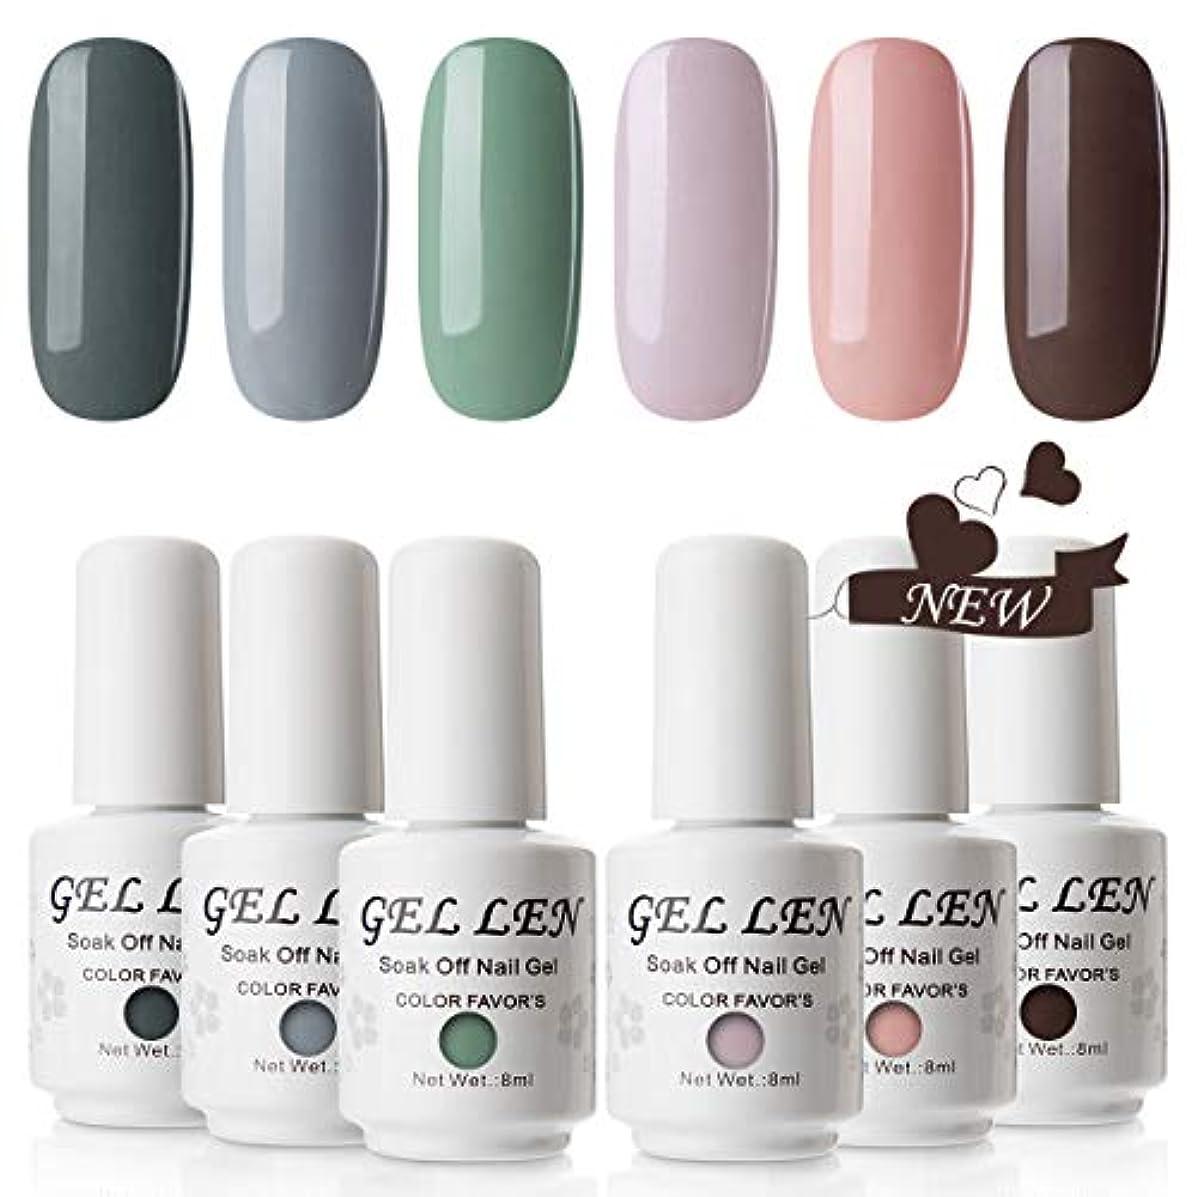 チャーター正規化モナリザGellen ジェルネイル カラージェル 厳選6色 UV/LED ラメ 全ての女性に愛されるカラー 8ml くすみカラー 和色